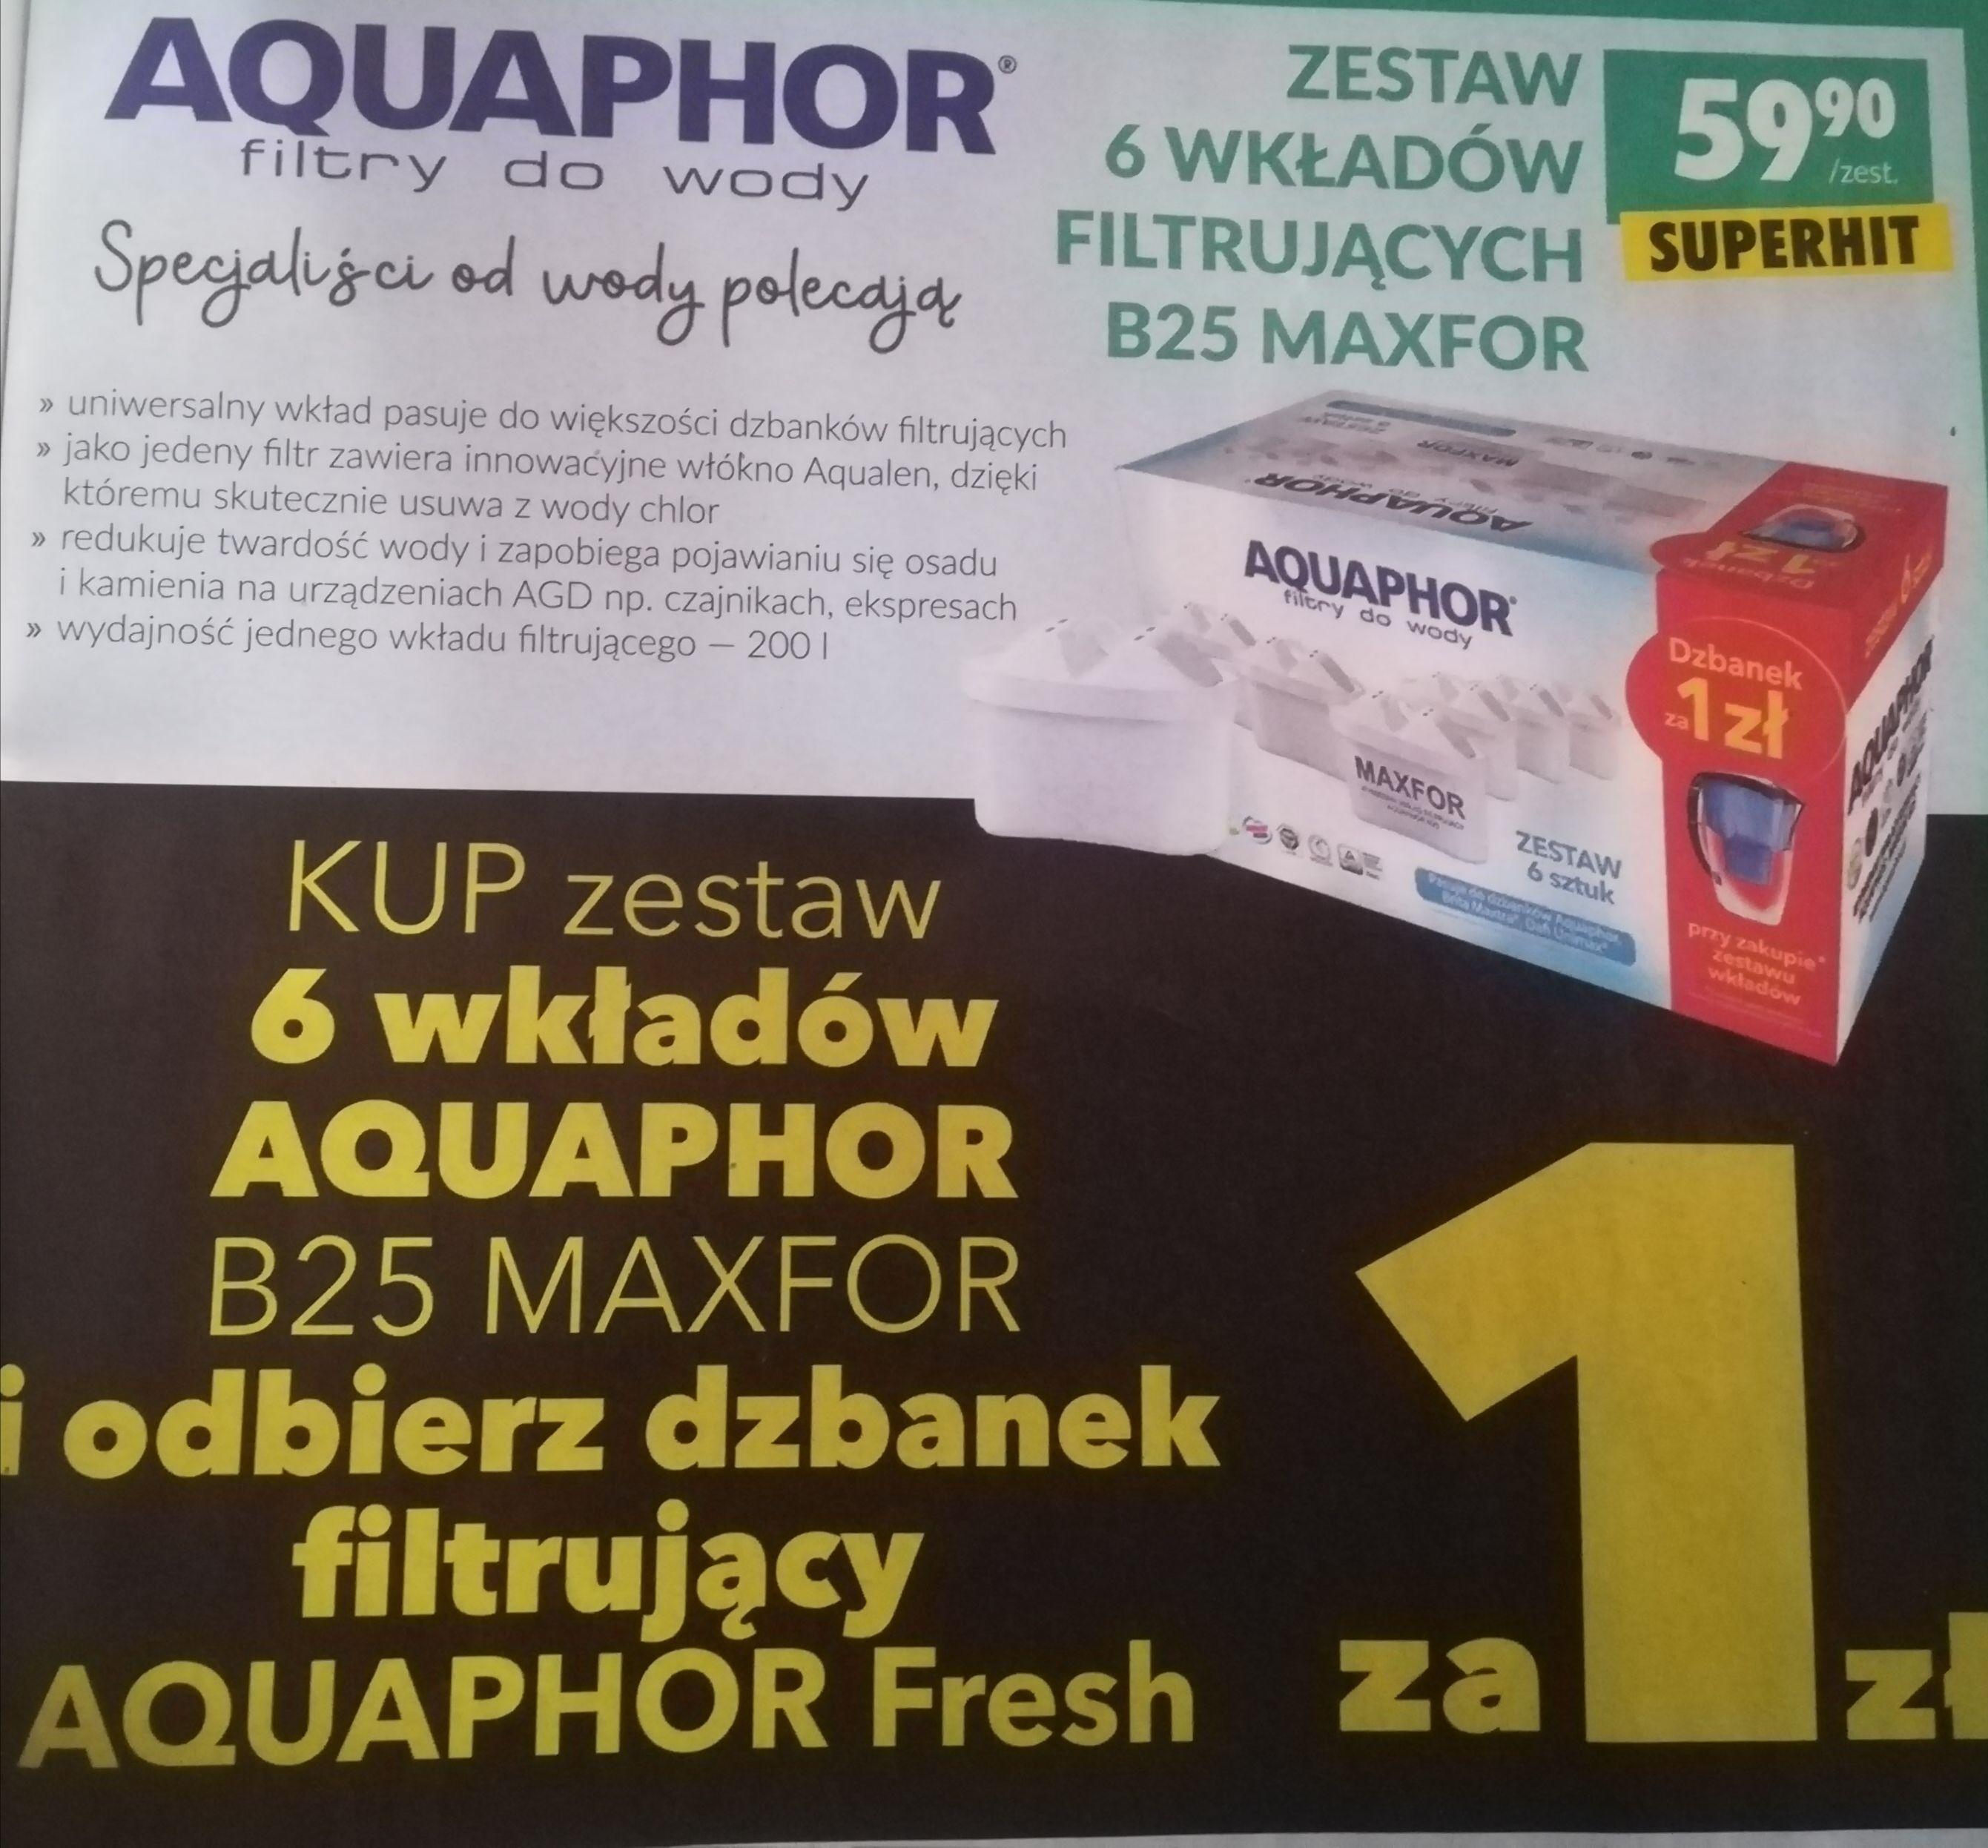 Biedronka Dzbanek Aquaphor 2.8l za 1 zł przy zakupie wkładów